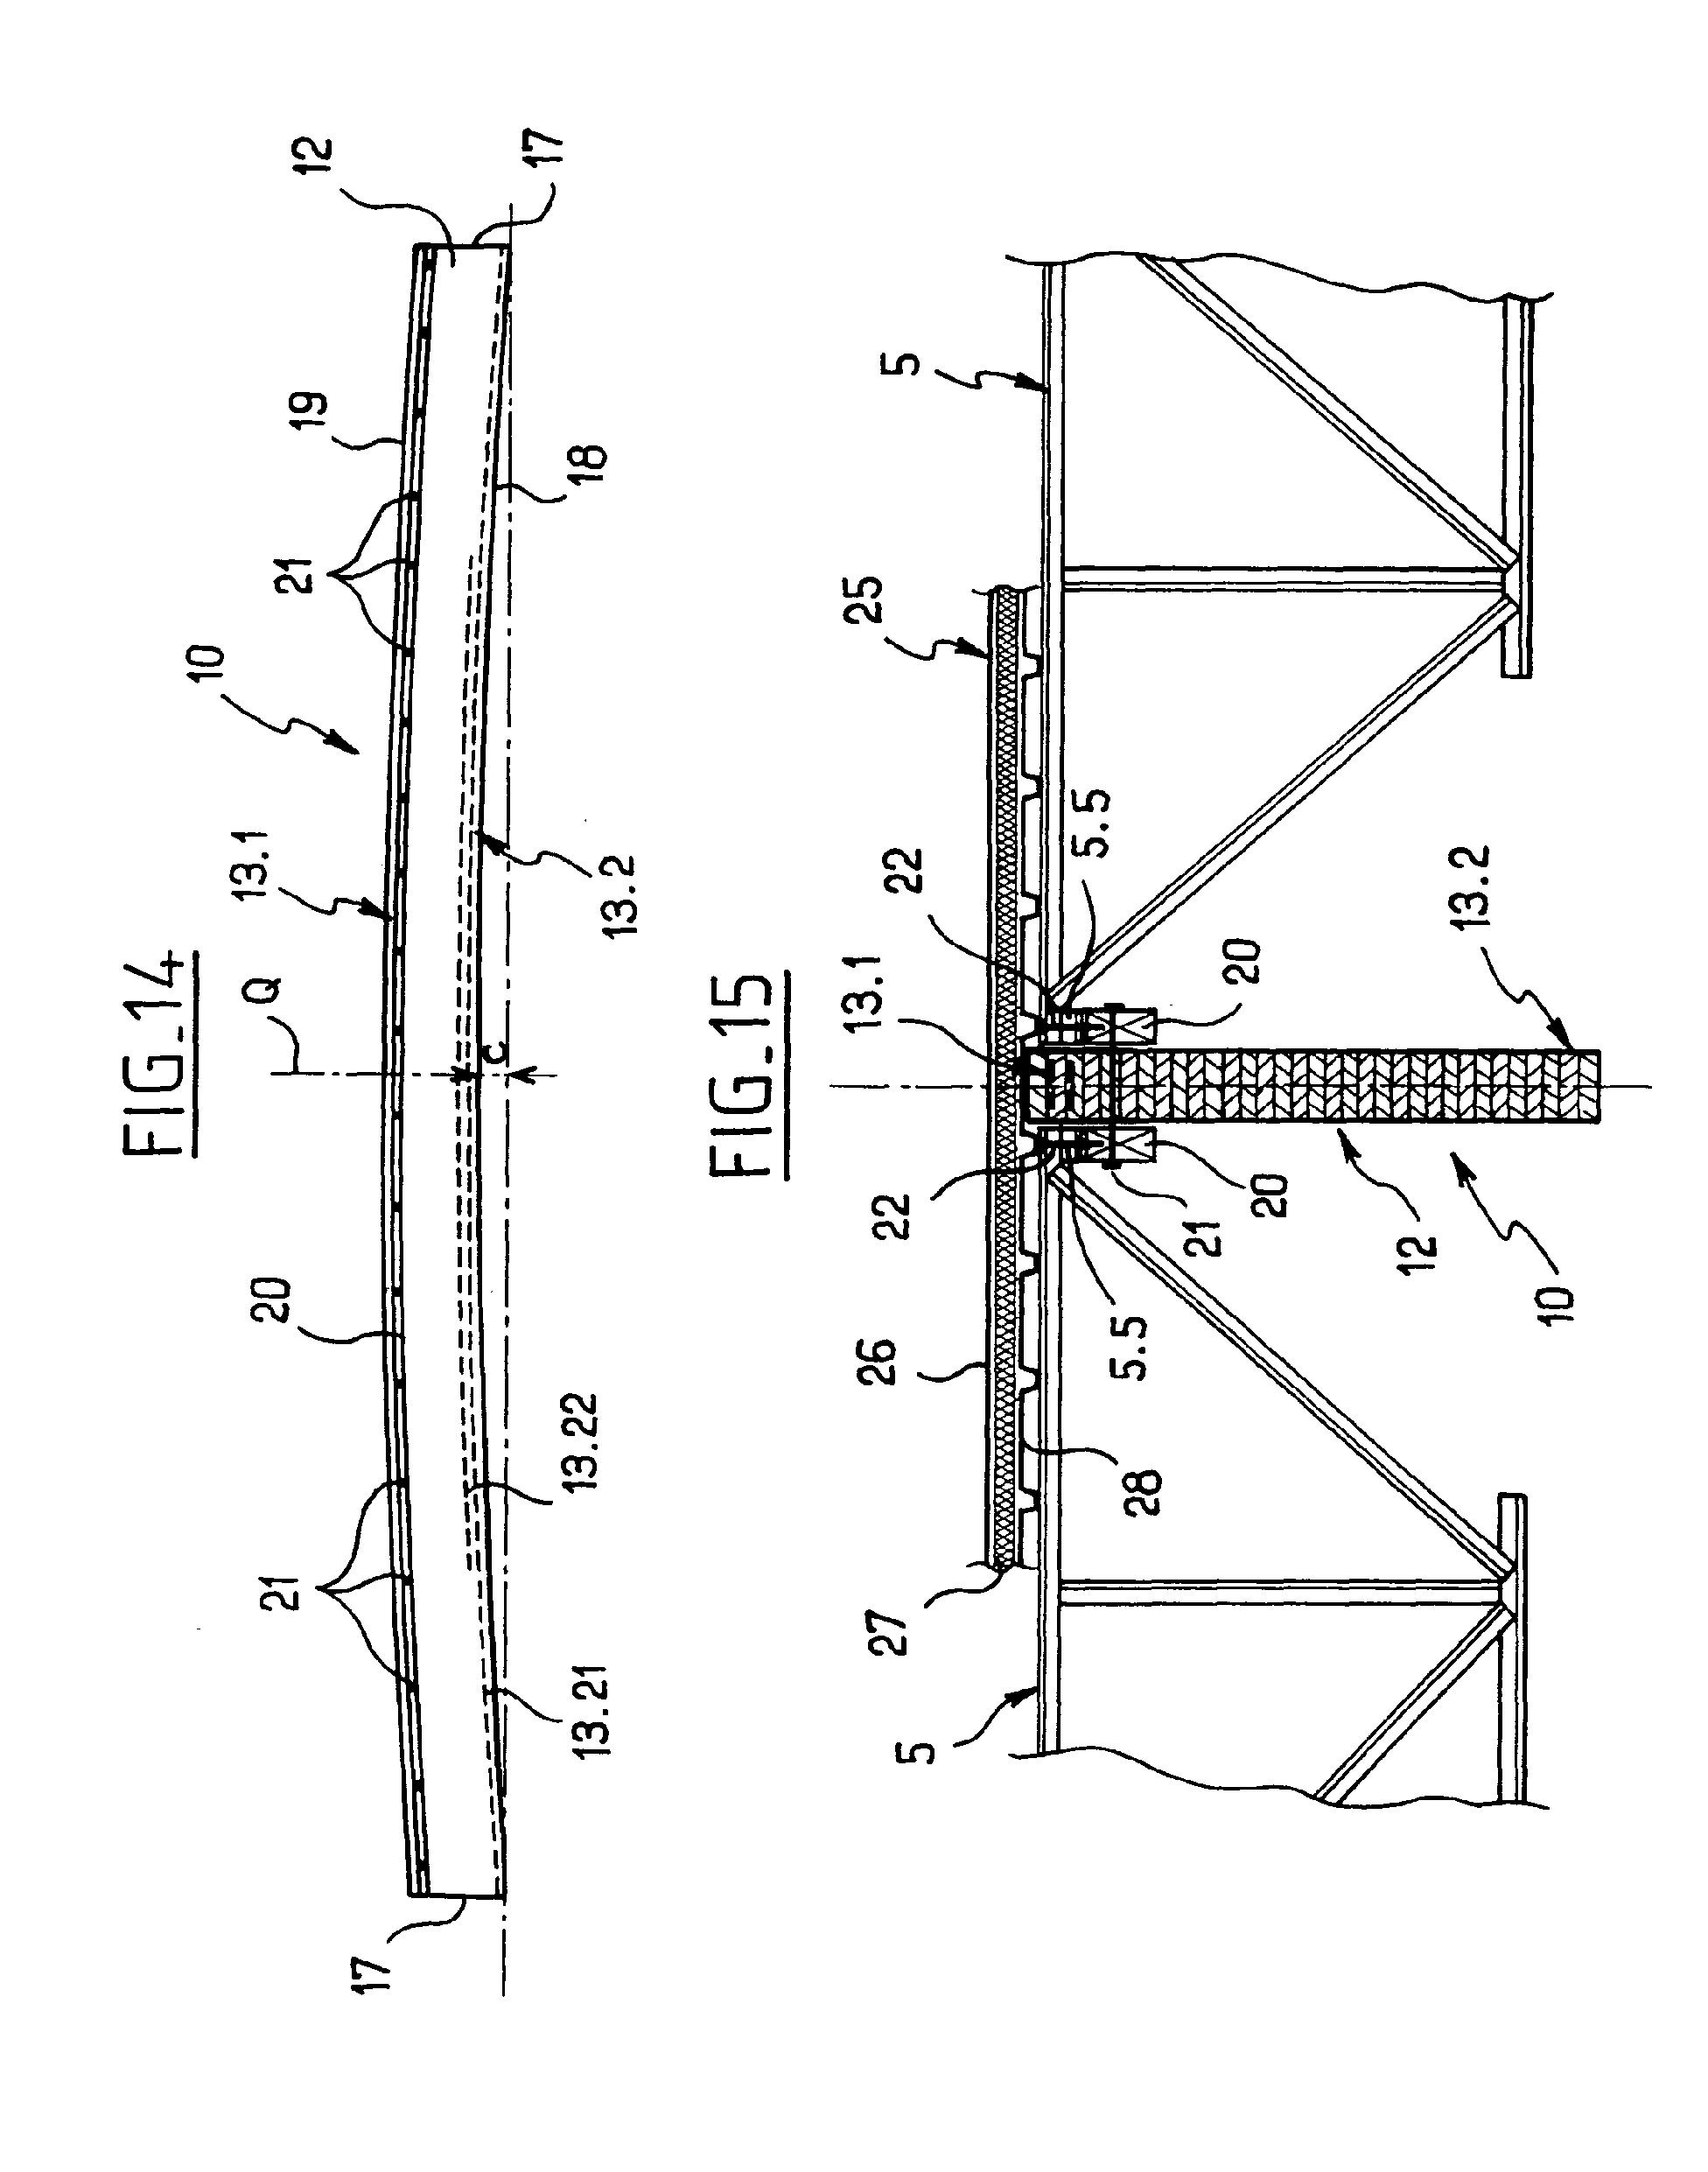 patent ep1529894a1 poutre de longue port e destin e. Black Bedroom Furniture Sets. Home Design Ideas